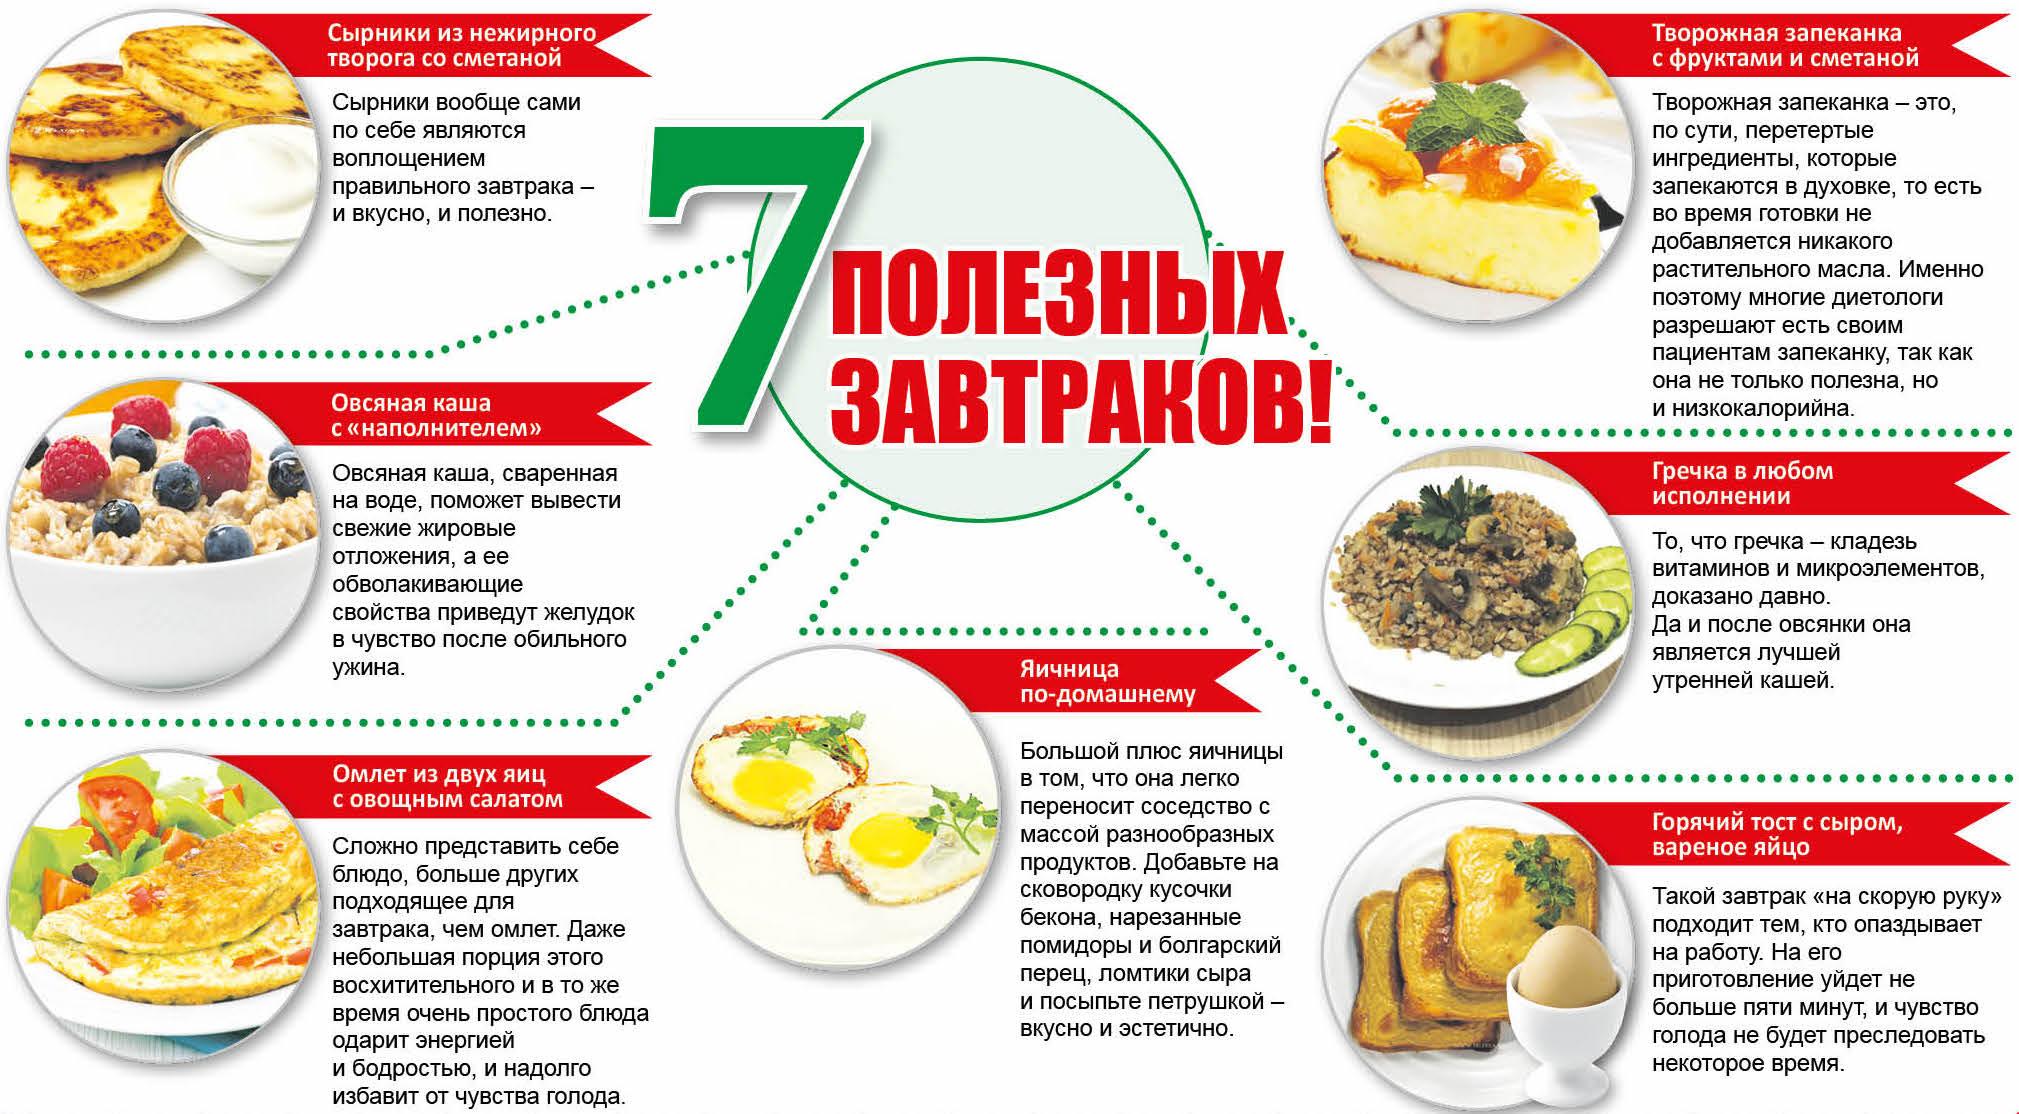 Завтрак полезный для здоровья рецепты приготовления